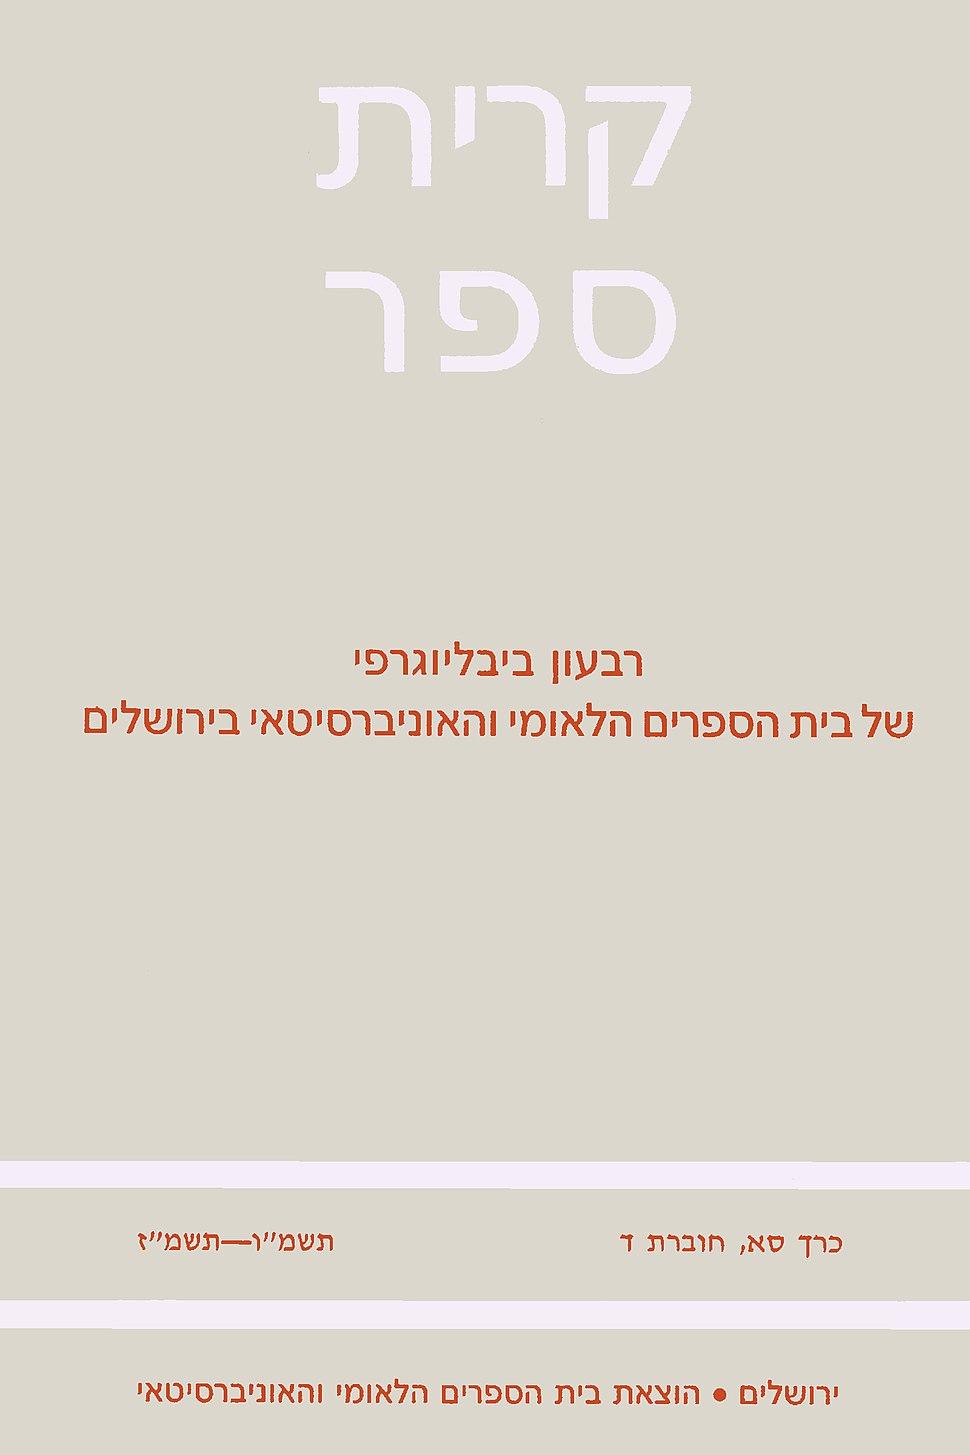 Qiryat Sefer - Journal